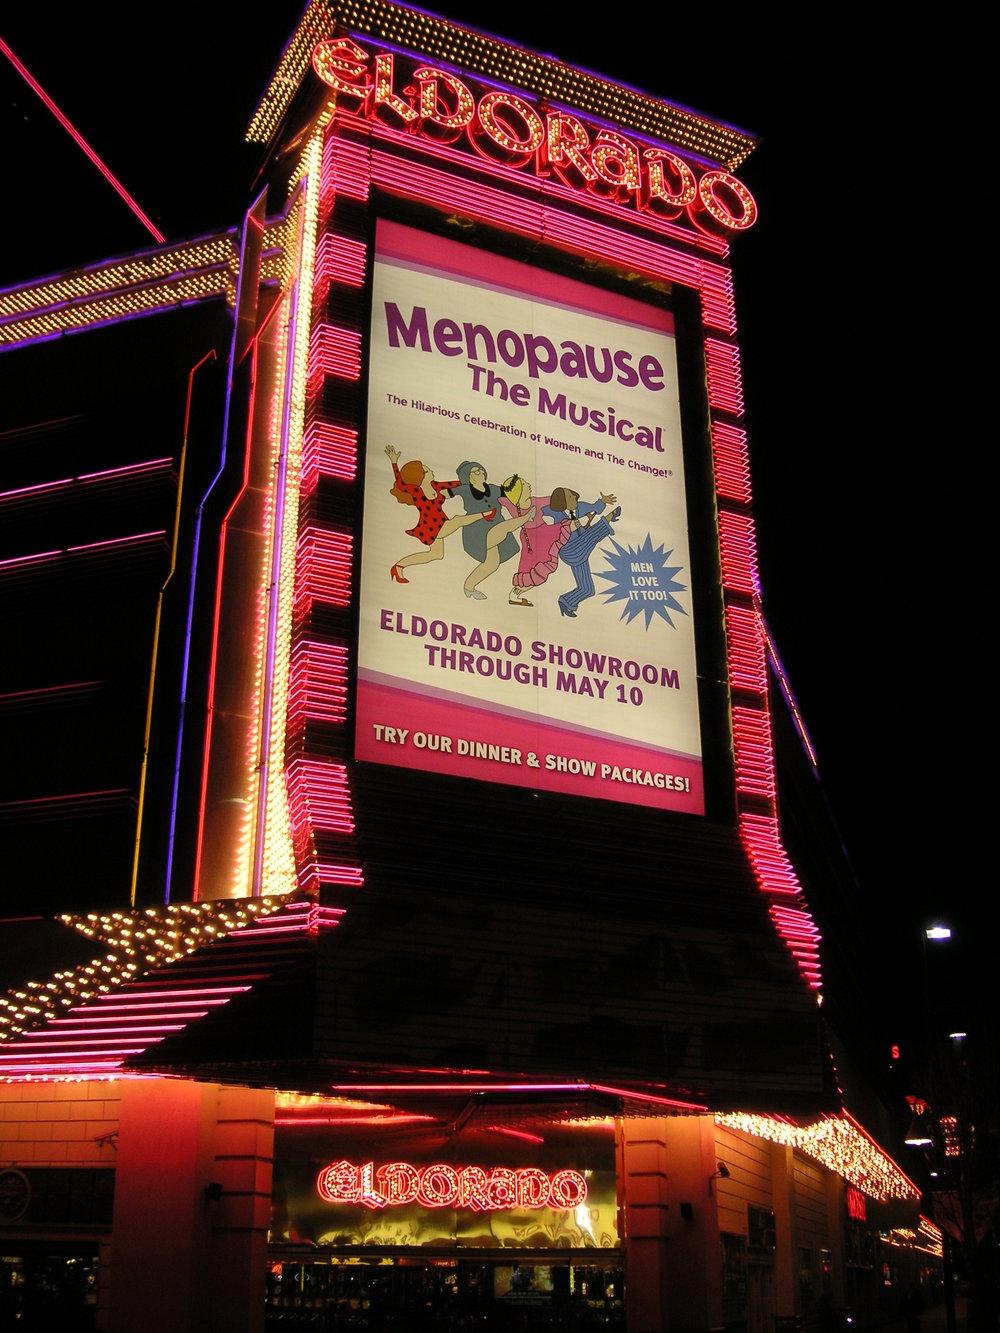 The Neon Struggle - The El Dorado Hotel and Casini, Virginia Street, Reno, NV